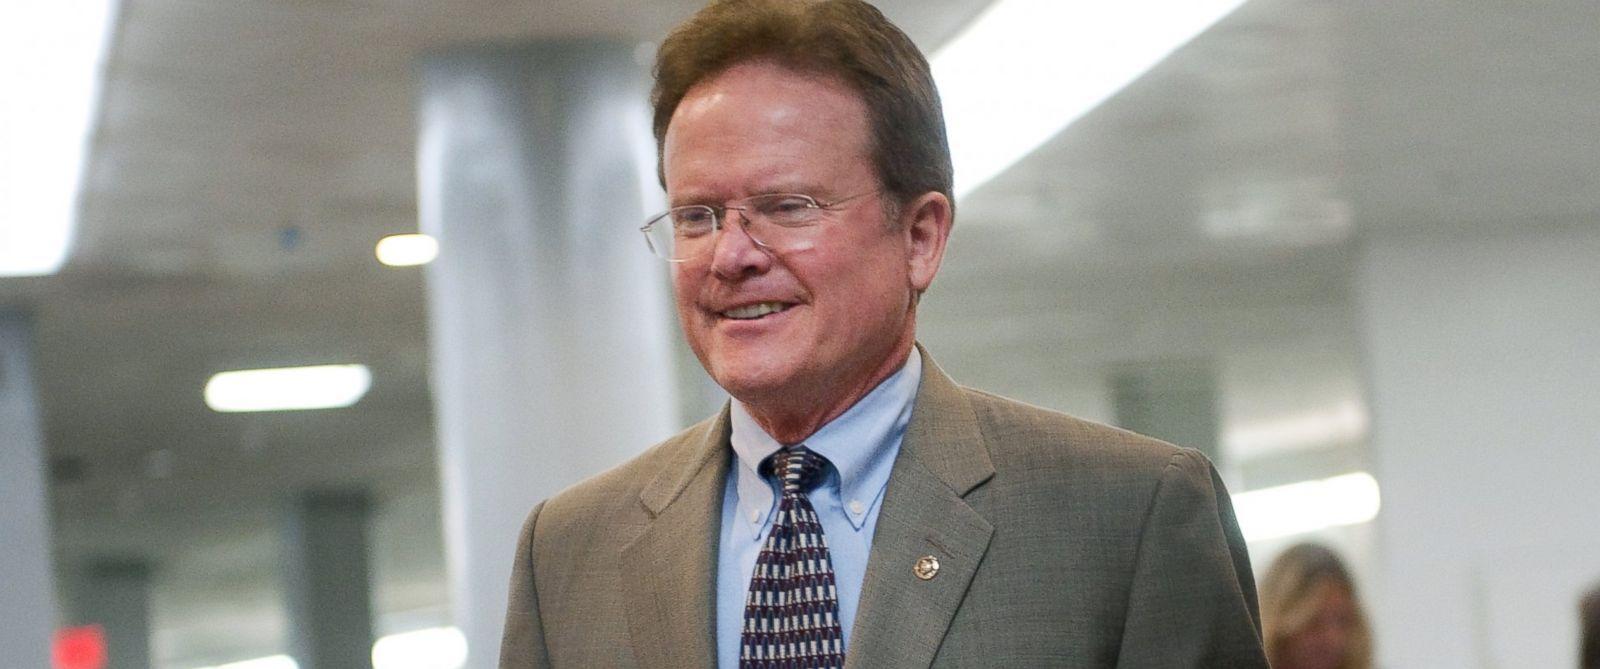 PHOTO: Sen. Jim Webb, D-Va., Nov. 13, 2012, in Washington.